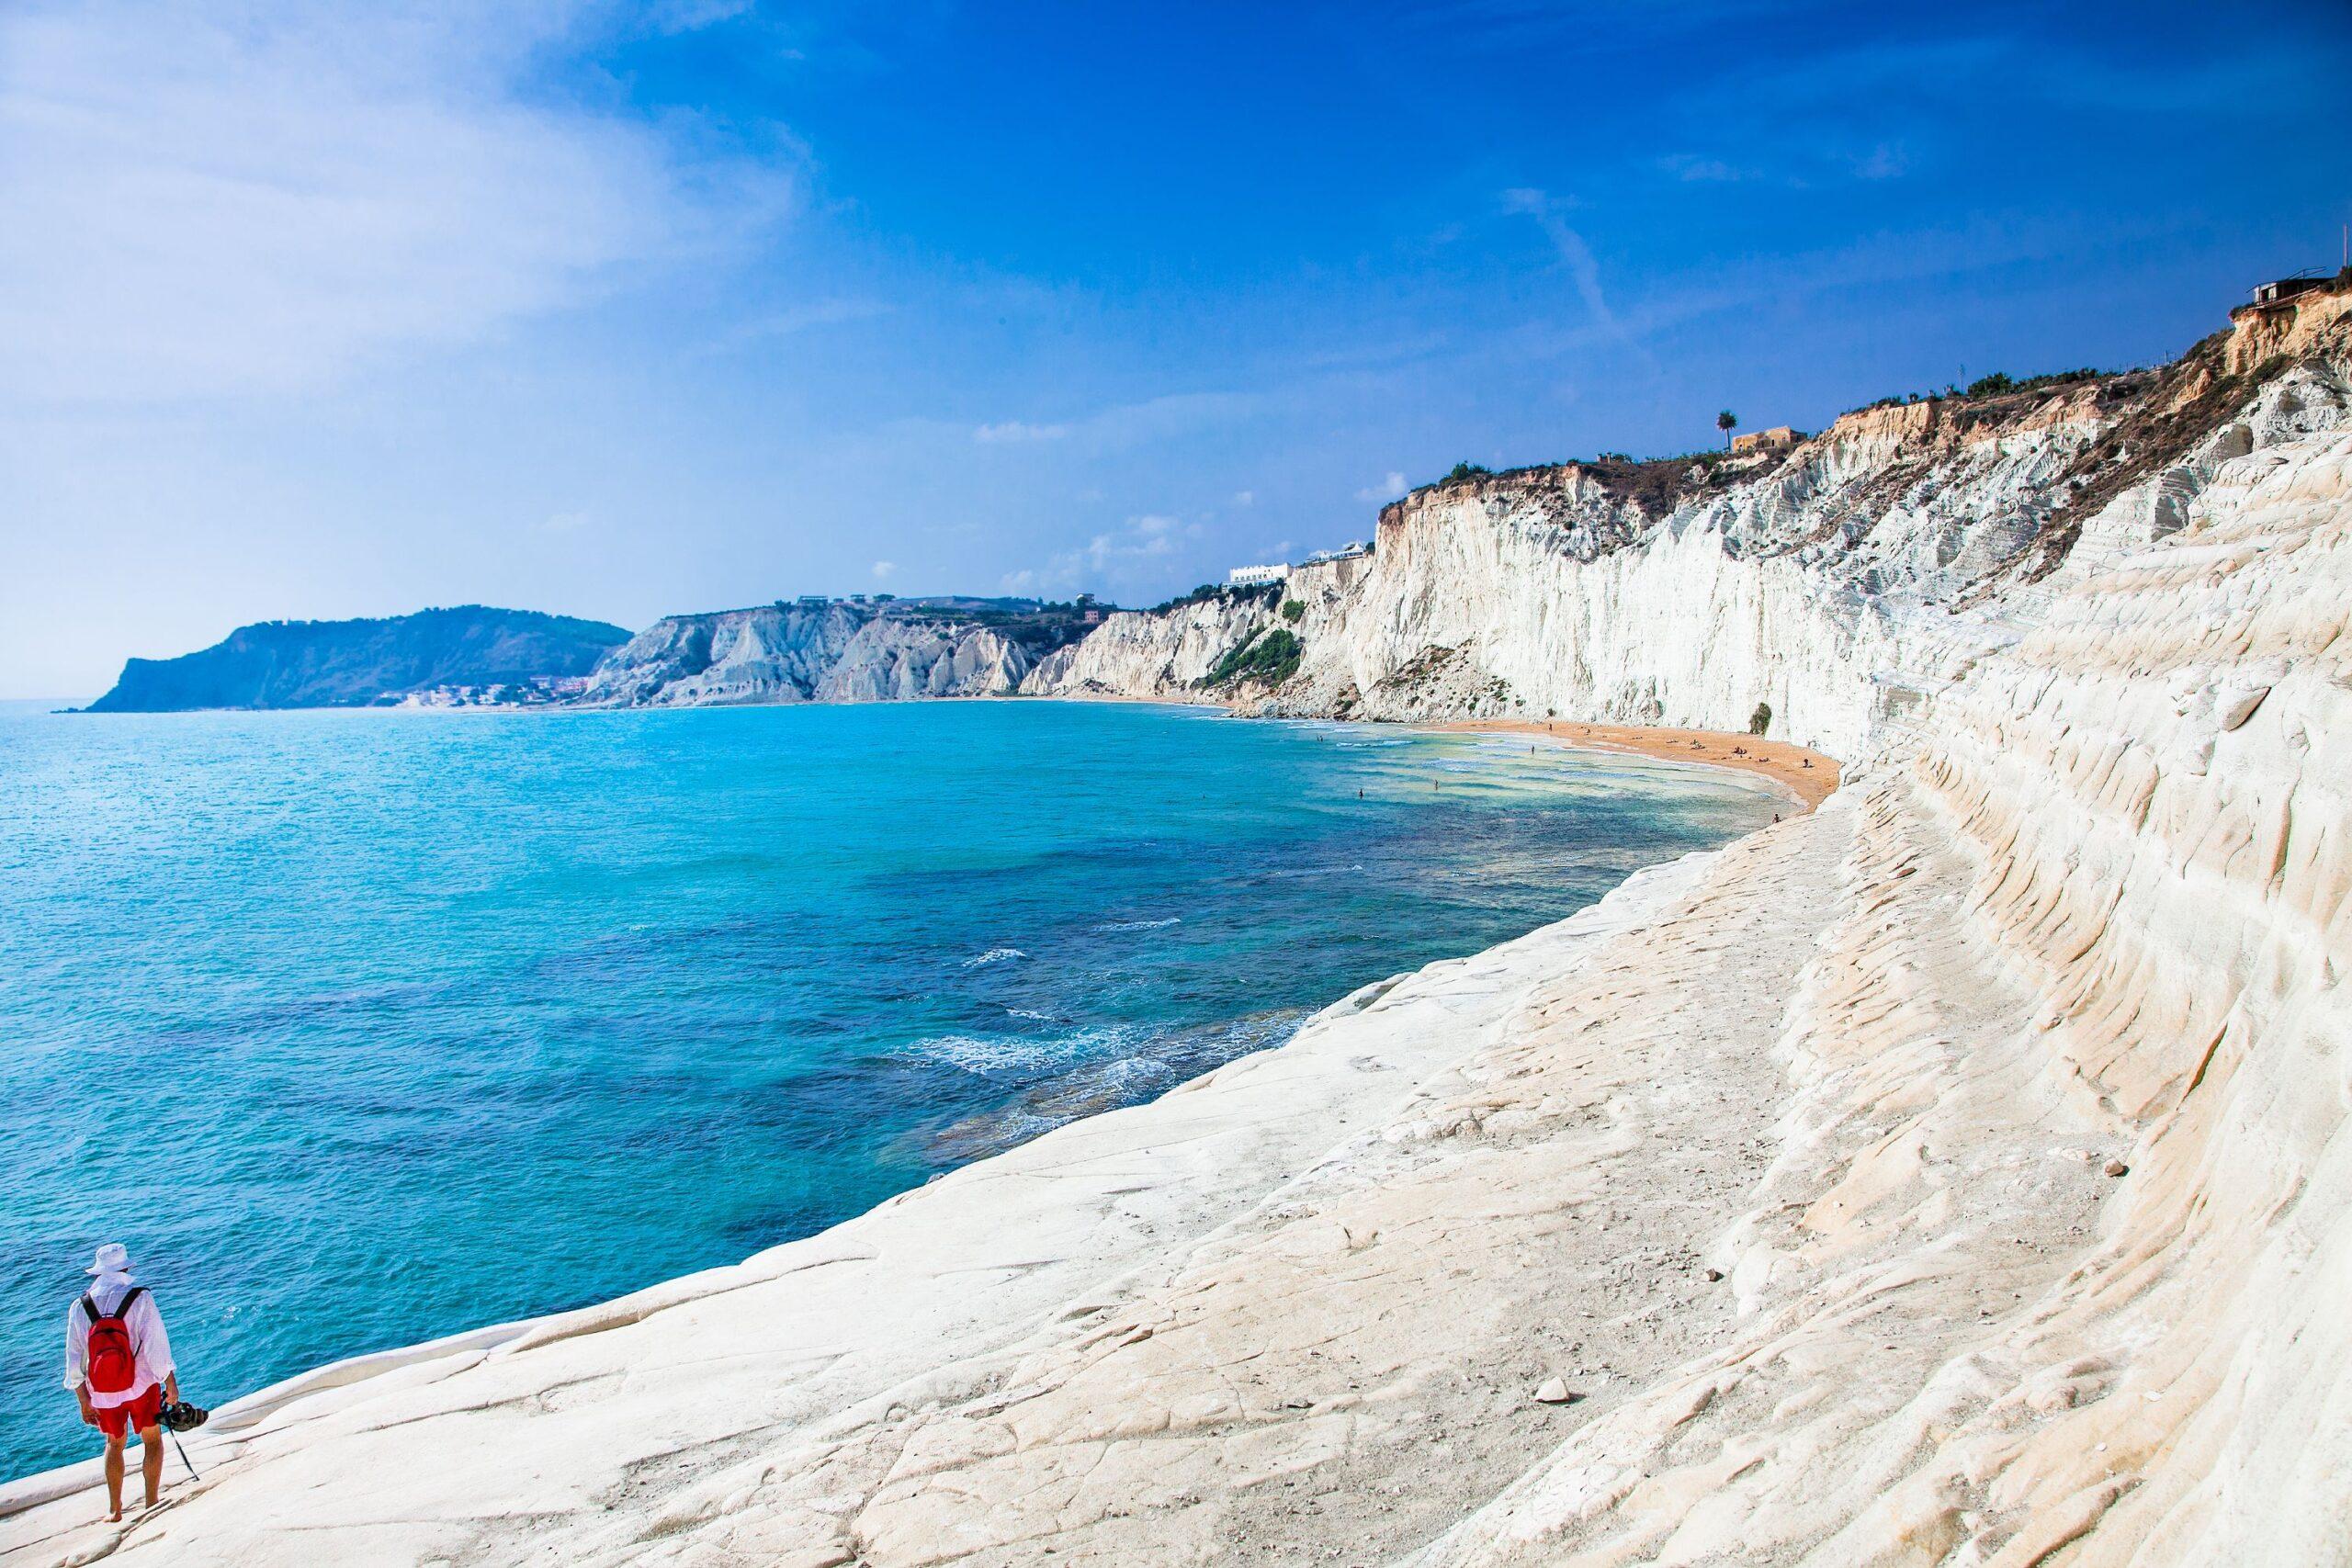 Biała plaża. Scala dei Turchi na Sycylii, Włochy., licencja: shutterstock/By Aleksandar Todorovic